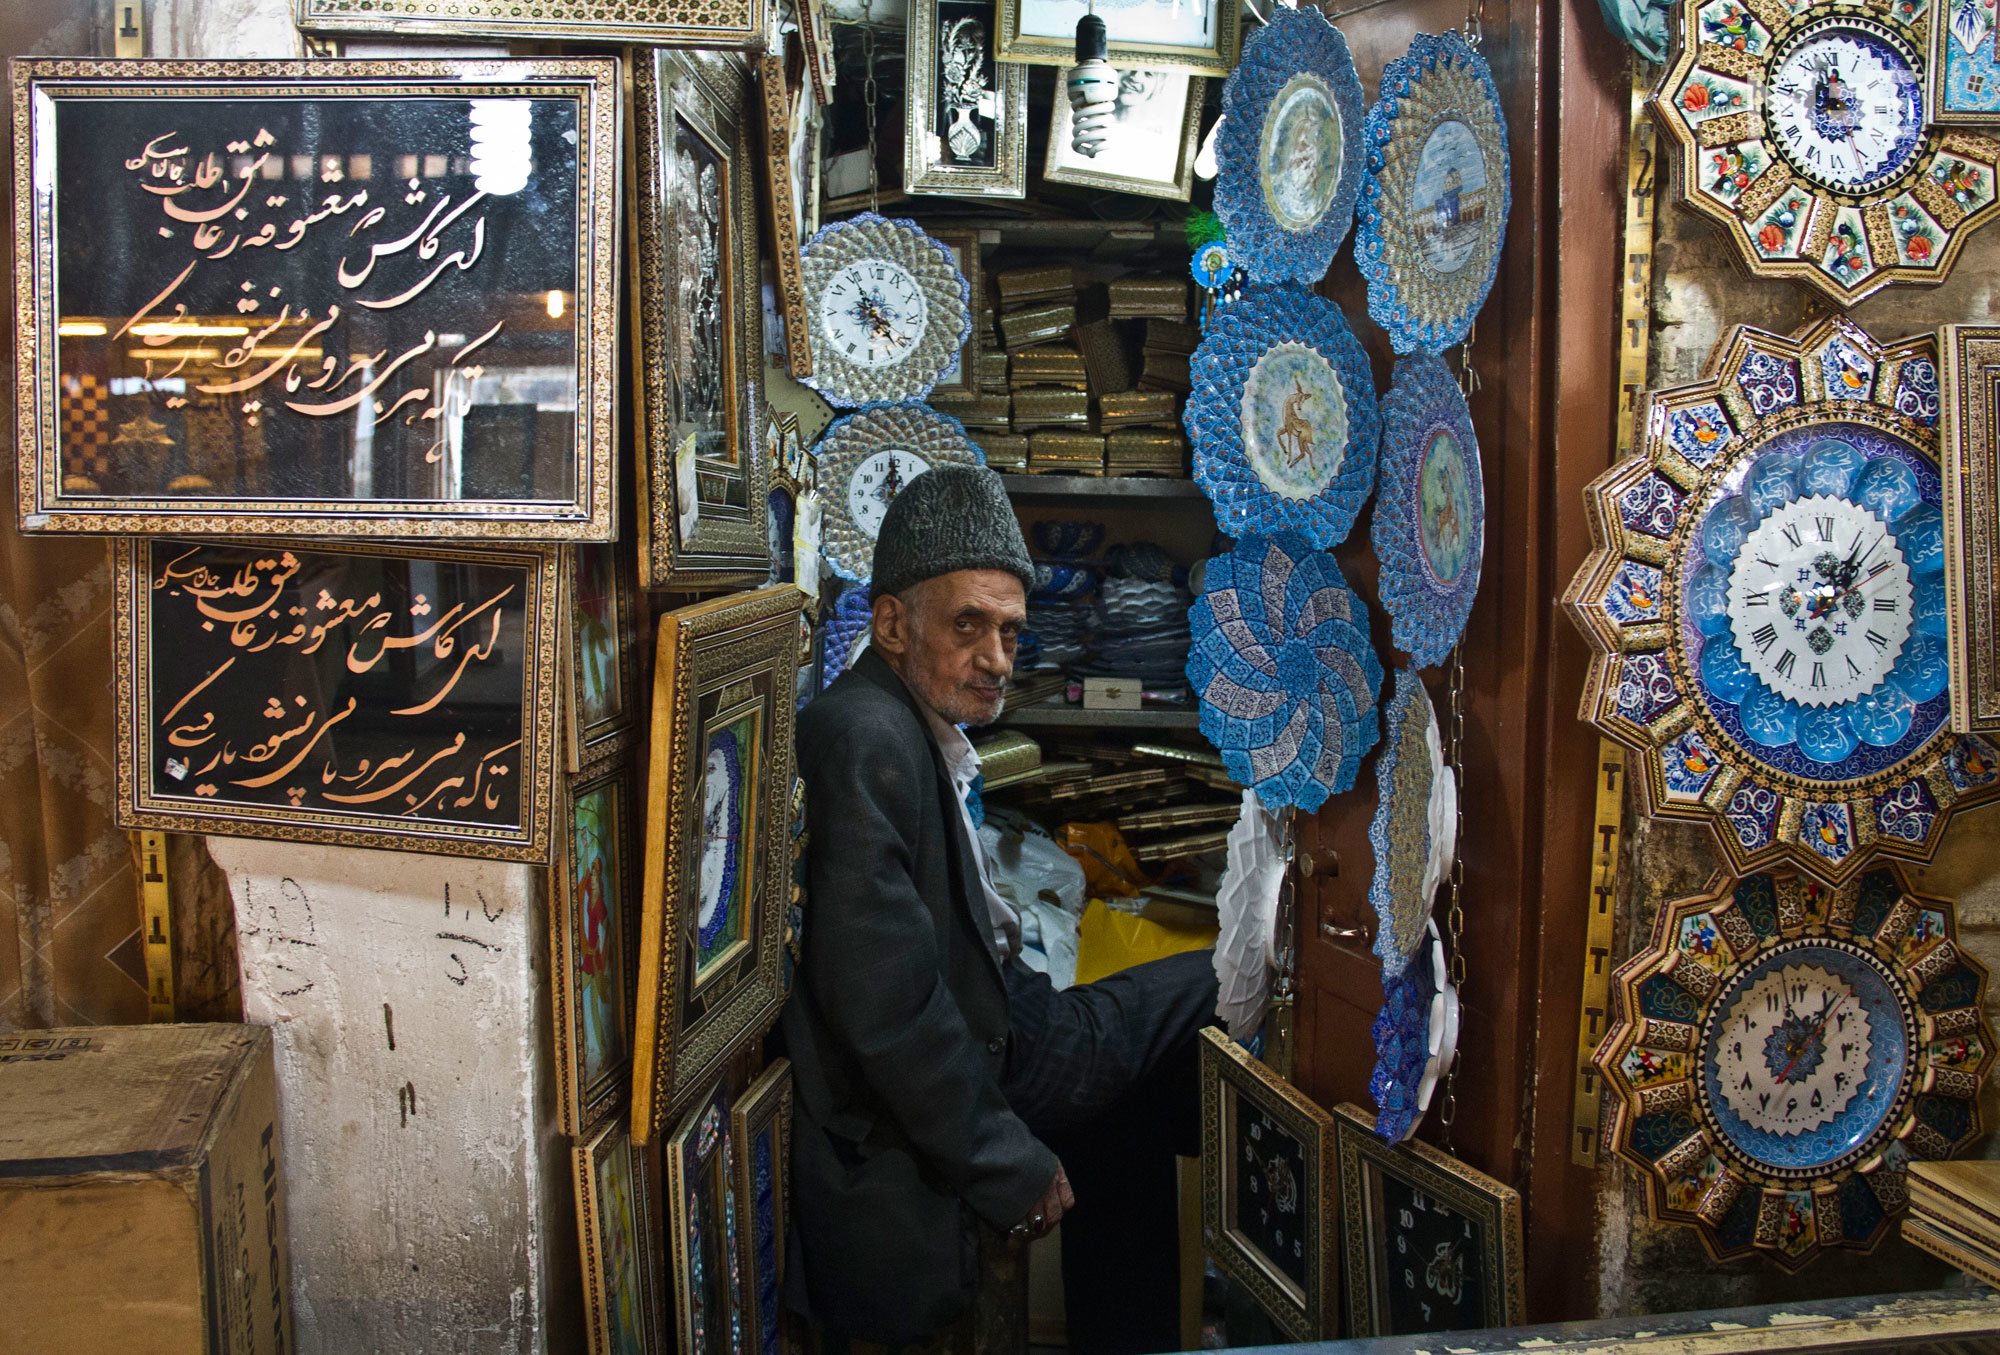 The Persian Bazaar Still Thrives In Modern Iran